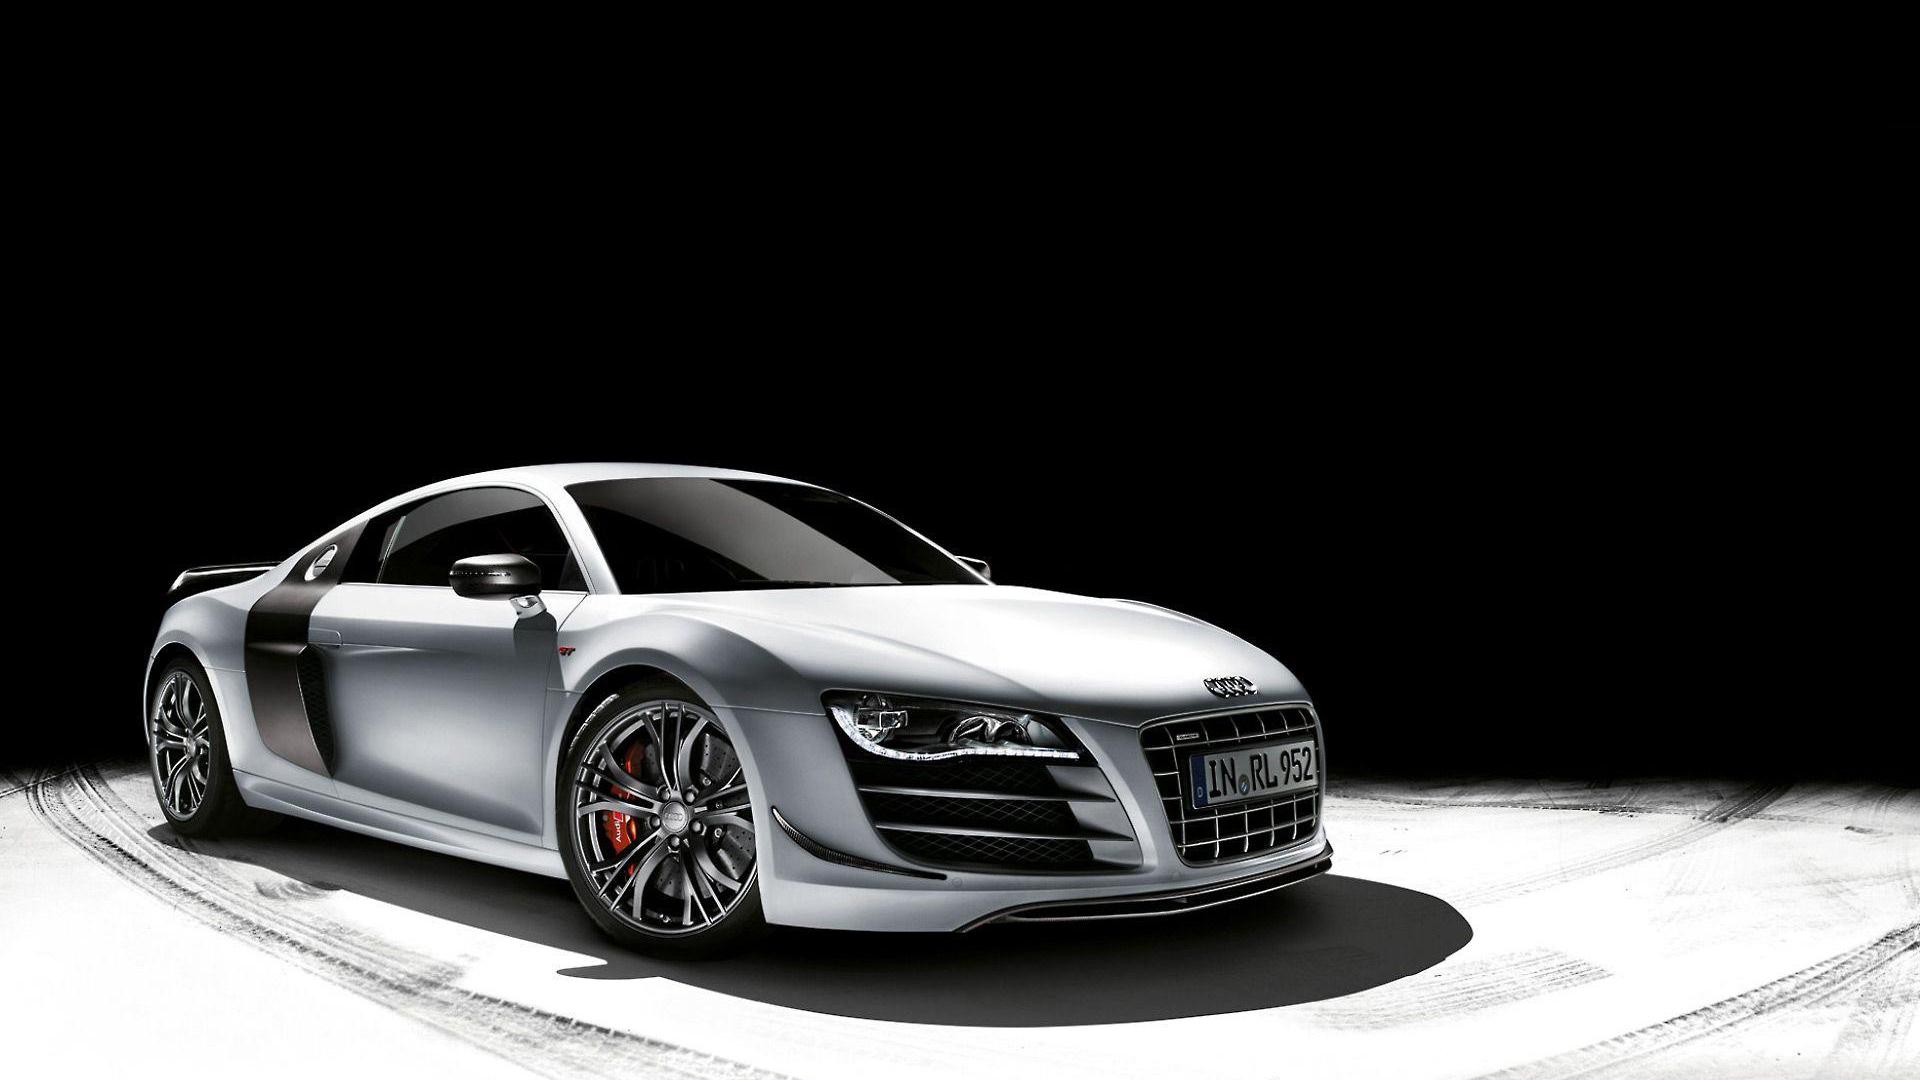 Audi R8 Wallpaper #16